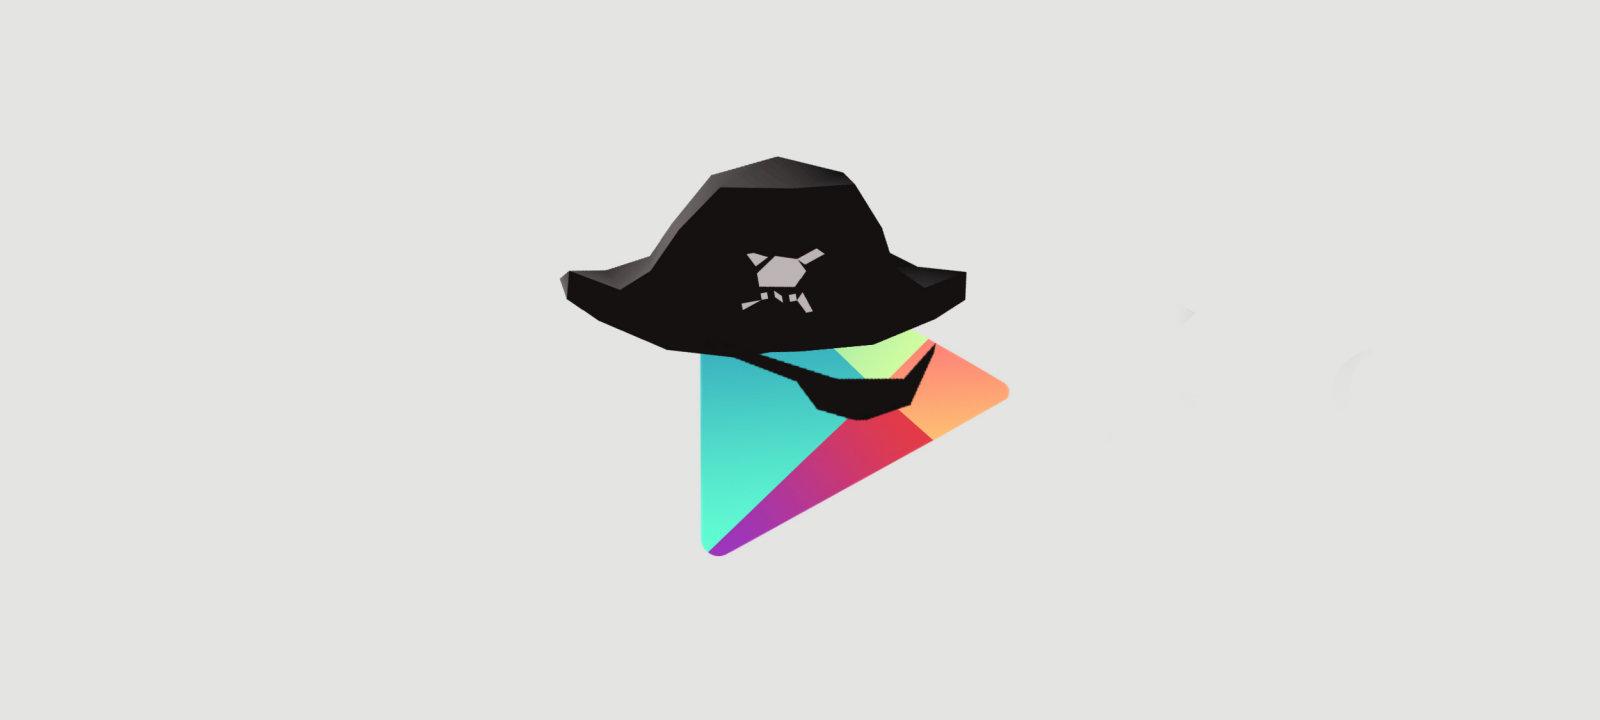 Пираты в Google Play. Как и чем живут те, кто решил нарушить правила Google